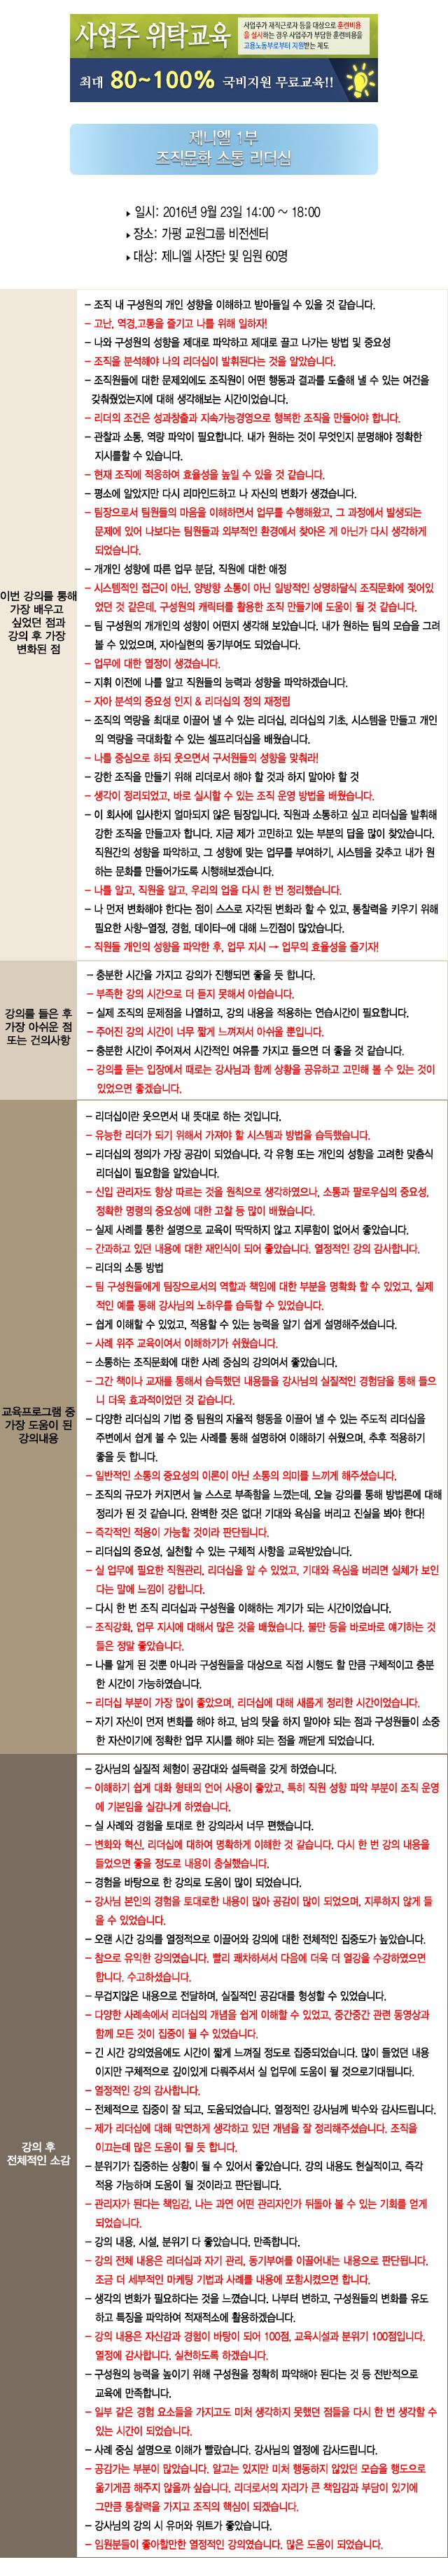 한국중앙인재개발원 후기 제니엘_리더십.jpg